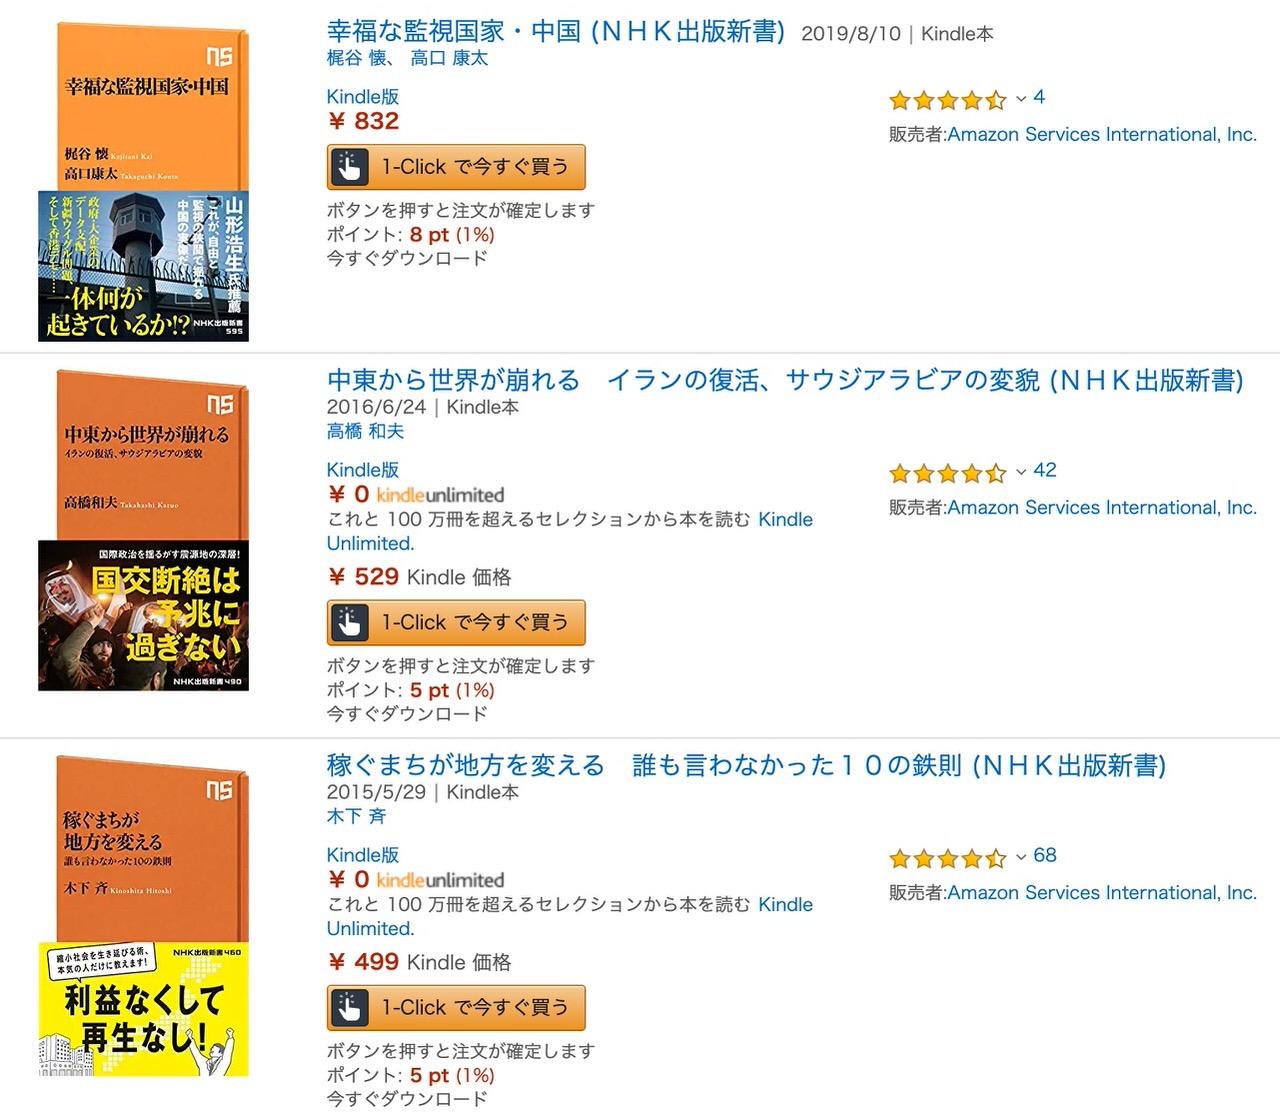 【Kindleセール】最大30%OFF「NHK出版新書フェア」(10/3まで)